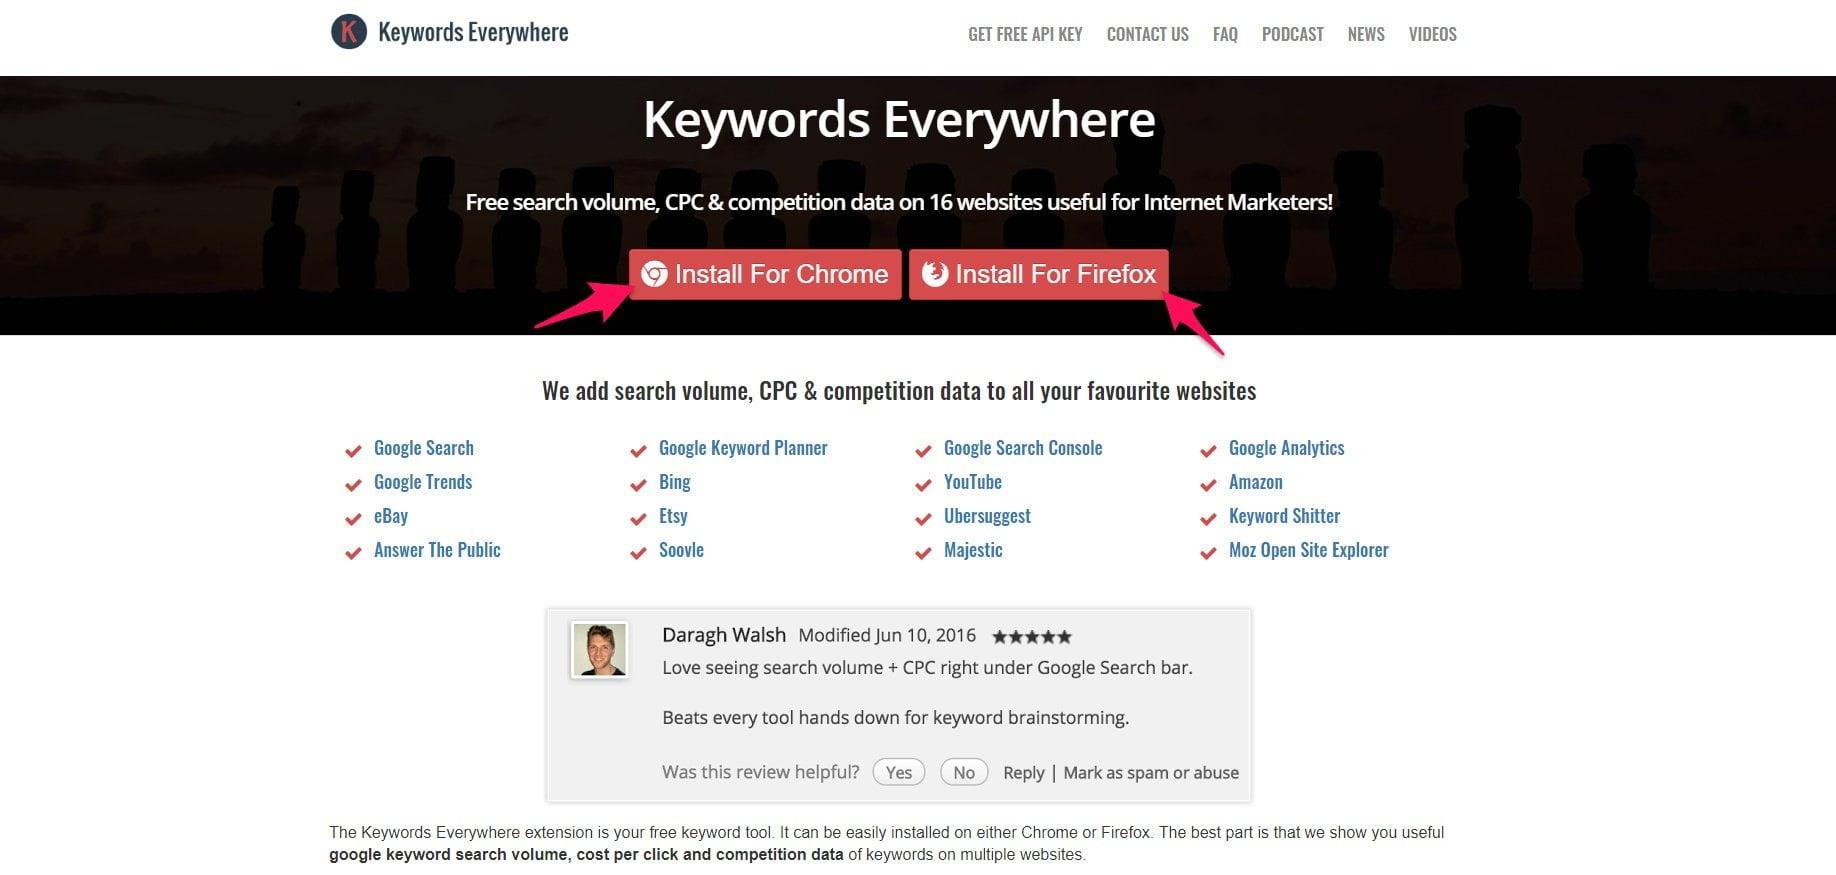 Keywords Everywhere install